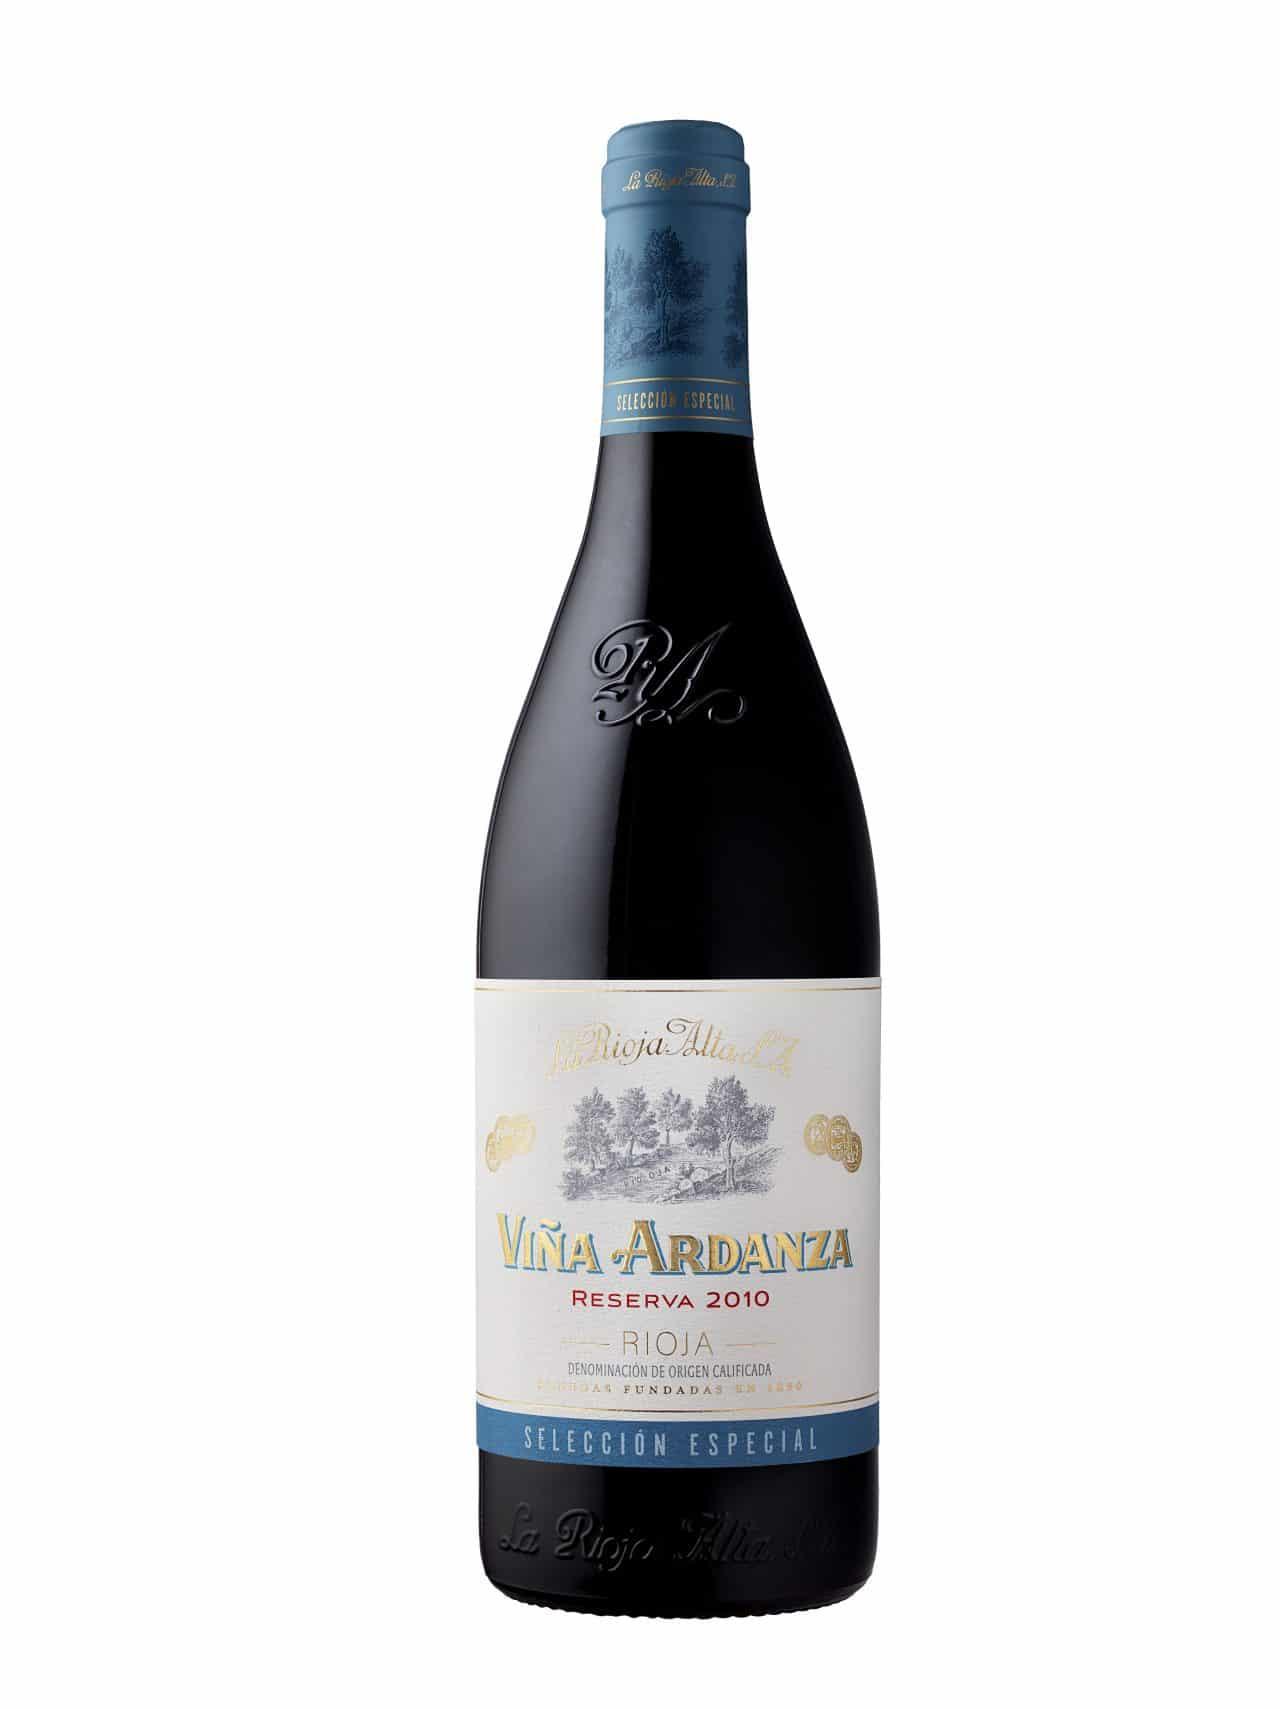 La Rioja Alta, SA lanza en España su nuevo 'Selección Especial': Viña Ardanza 2010 1